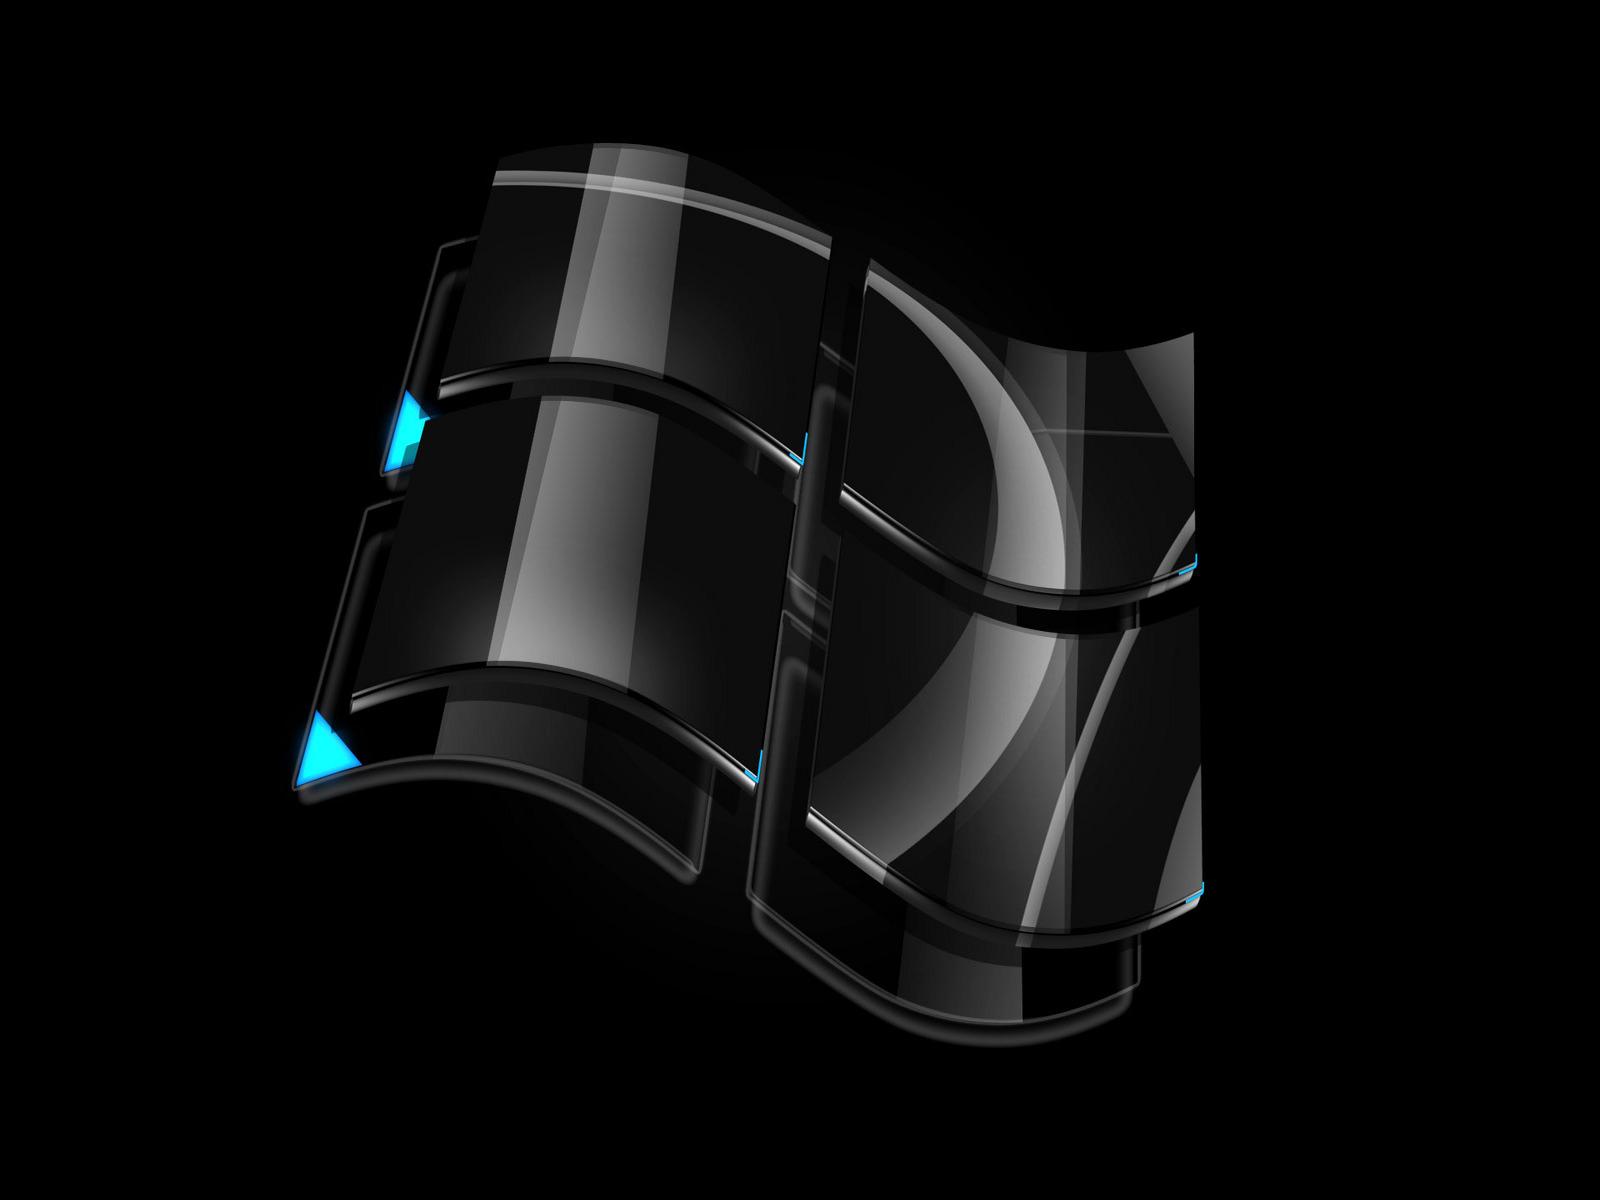 WINDOWS XP SP3 BLACK EDITION Gantavya Rocks 1600x1200